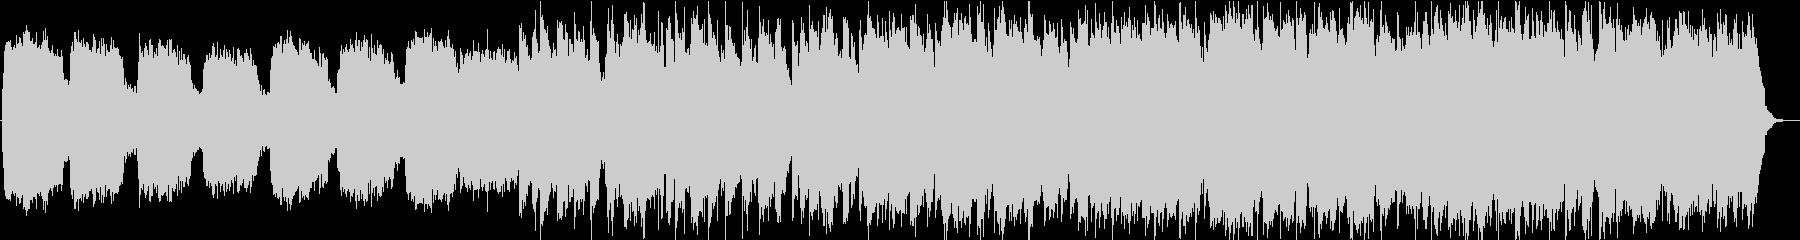 静かな笛とシンセサイザーの落ち着く音楽の未再生の波形